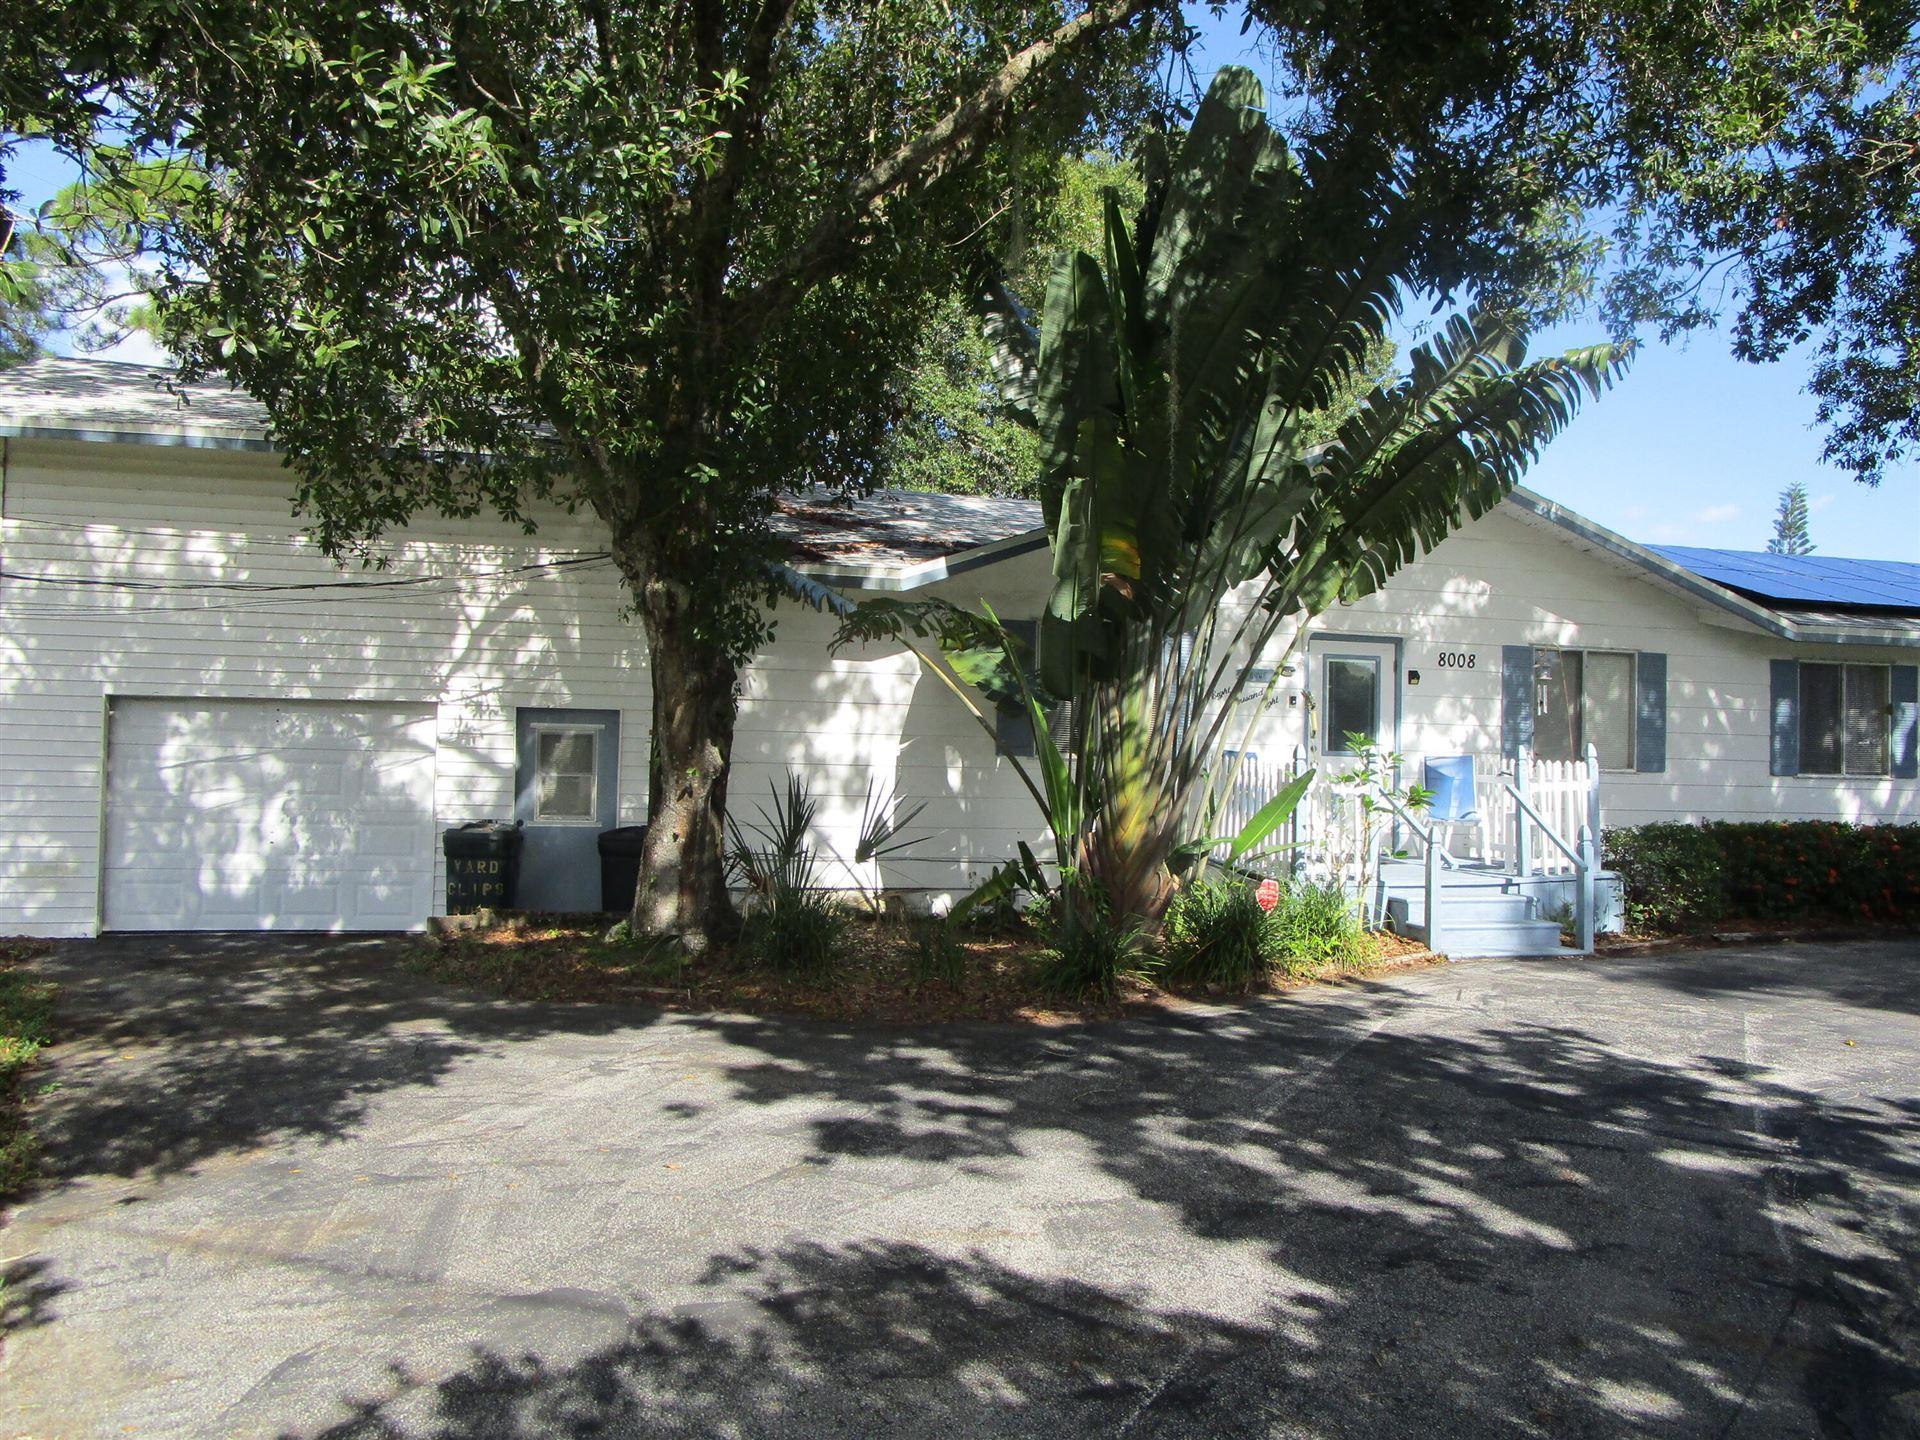 8008 Lockwood Drive, Fort Pierce, FL 34951 - MLS#: RX-10752983